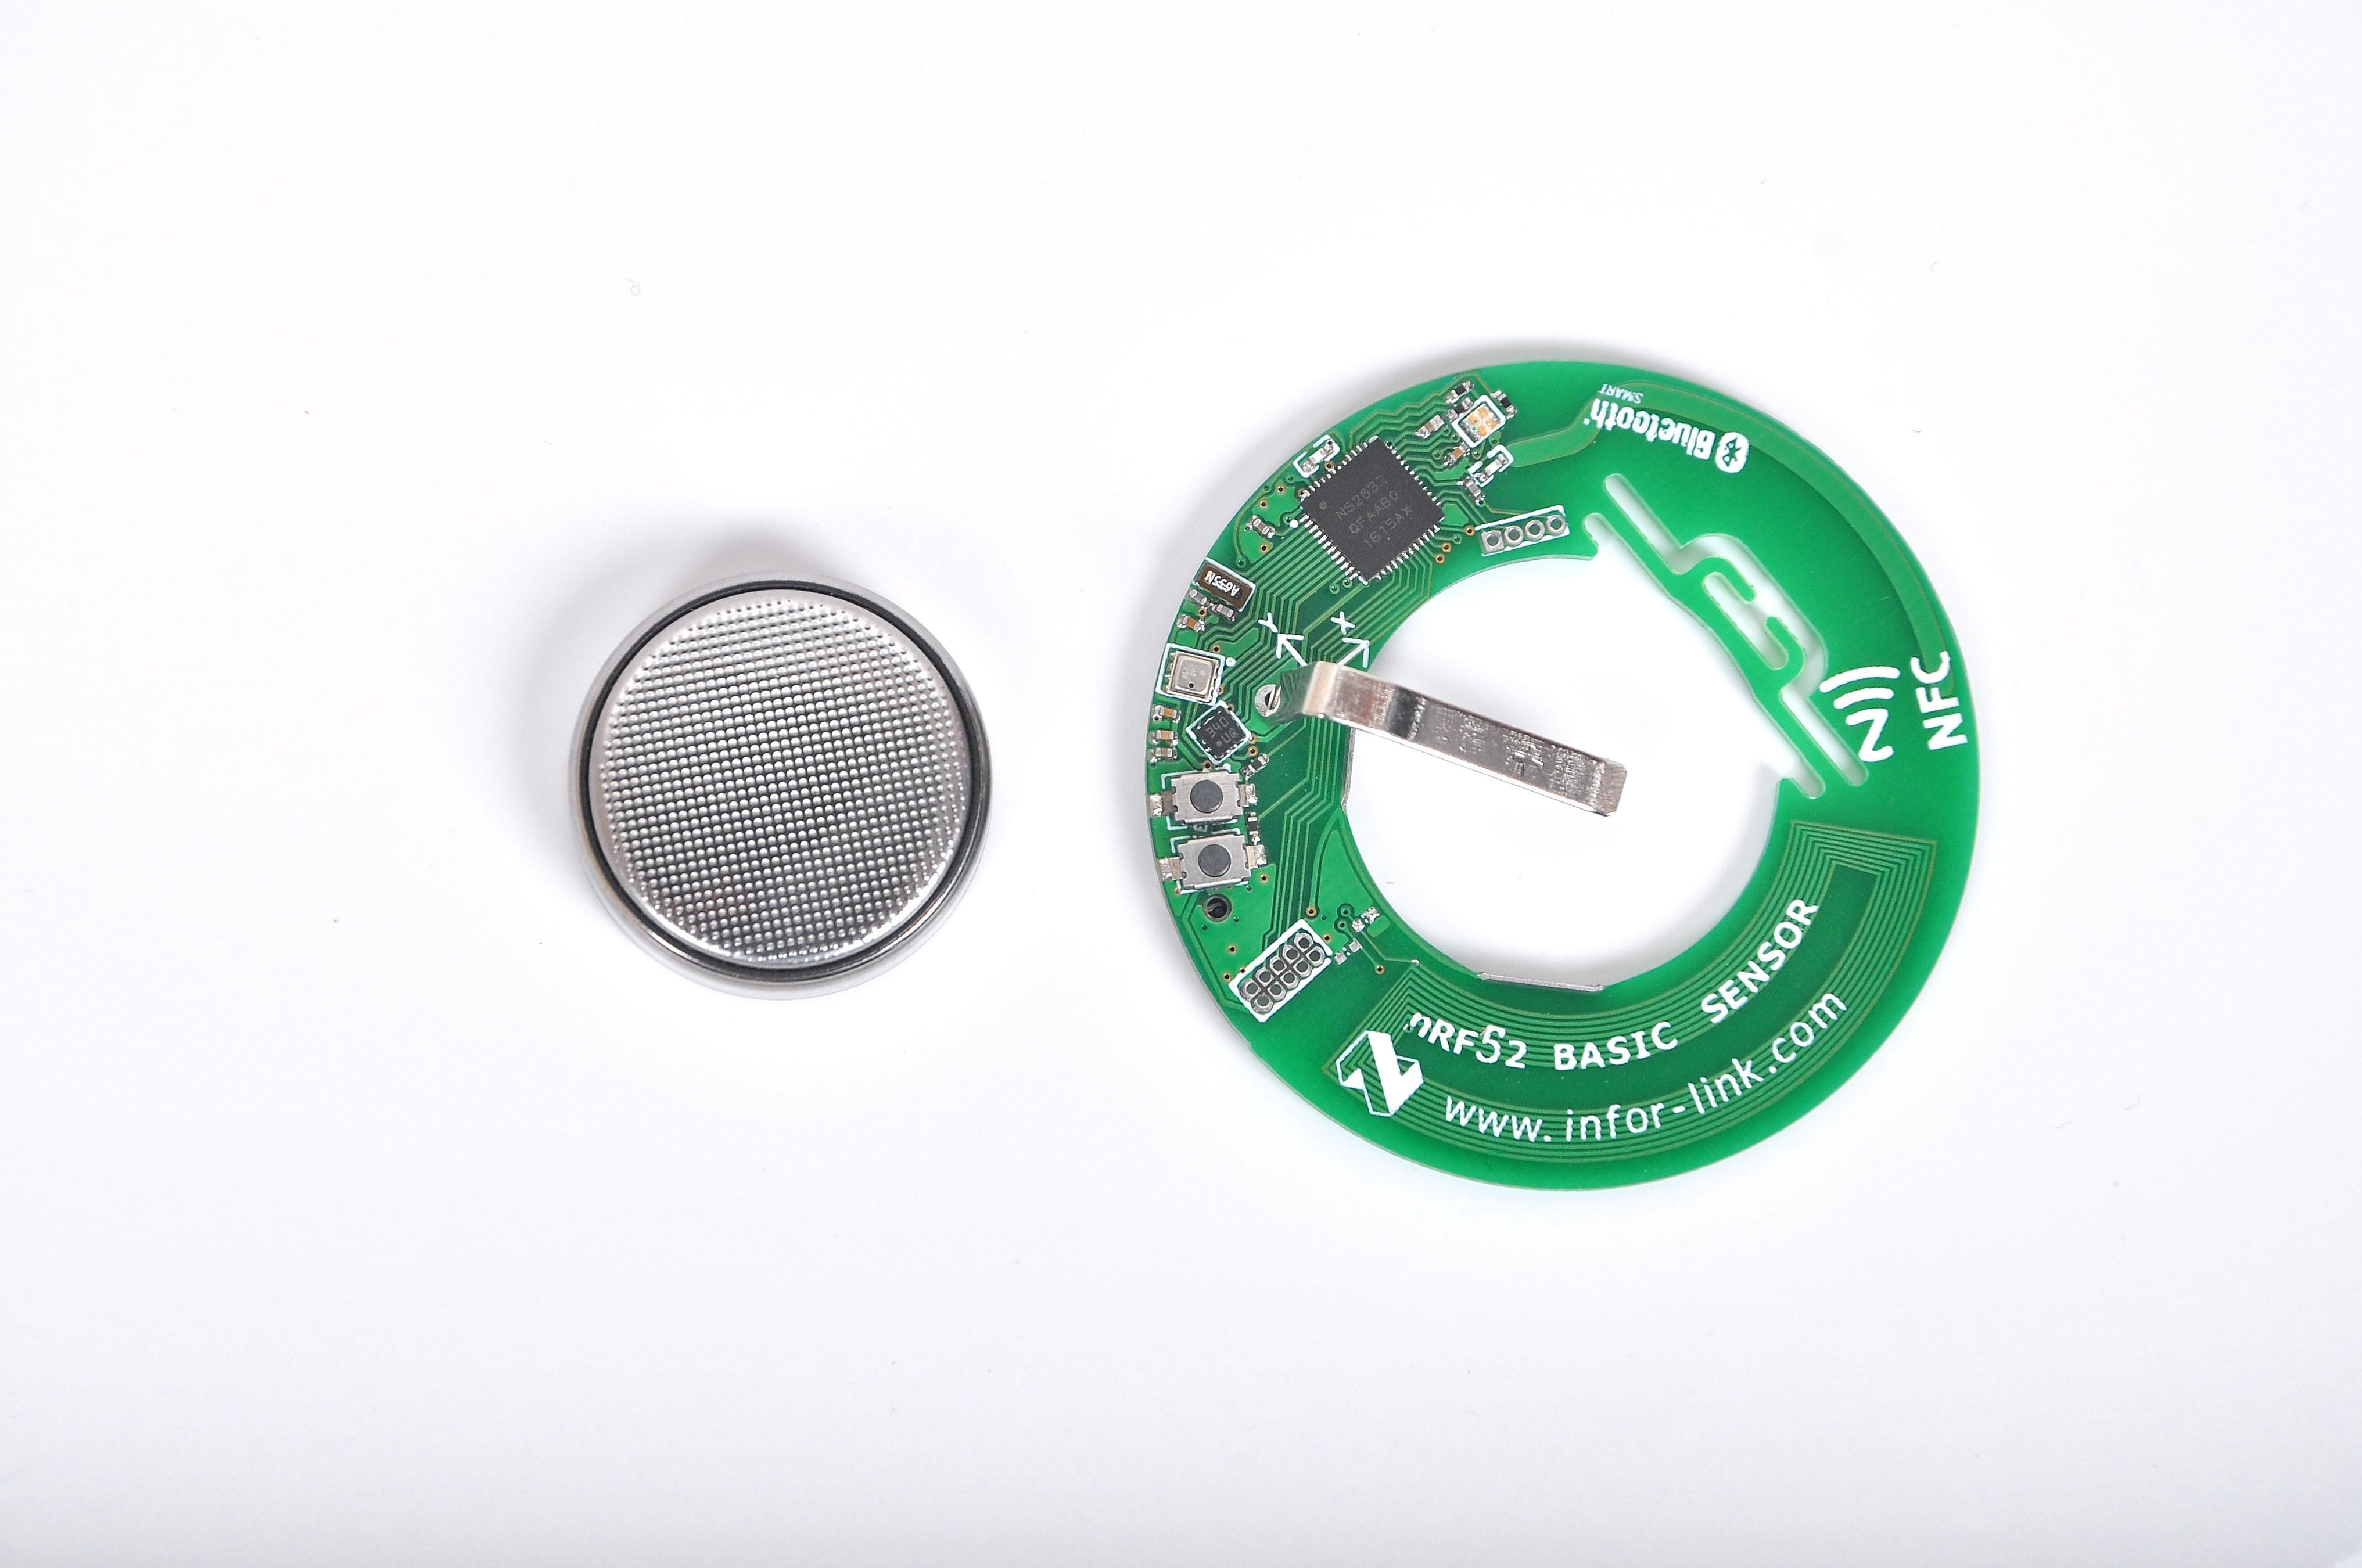 Nuovo prodotto! NRF52832 Bluetooth, sensore wireless, sensore di accelerazione, BME280 ambiente sensoreNuovo prodotto! NRF52832 Bluetooth, sensore wireless, sensore di accelerazione, BME280 ambiente sensore